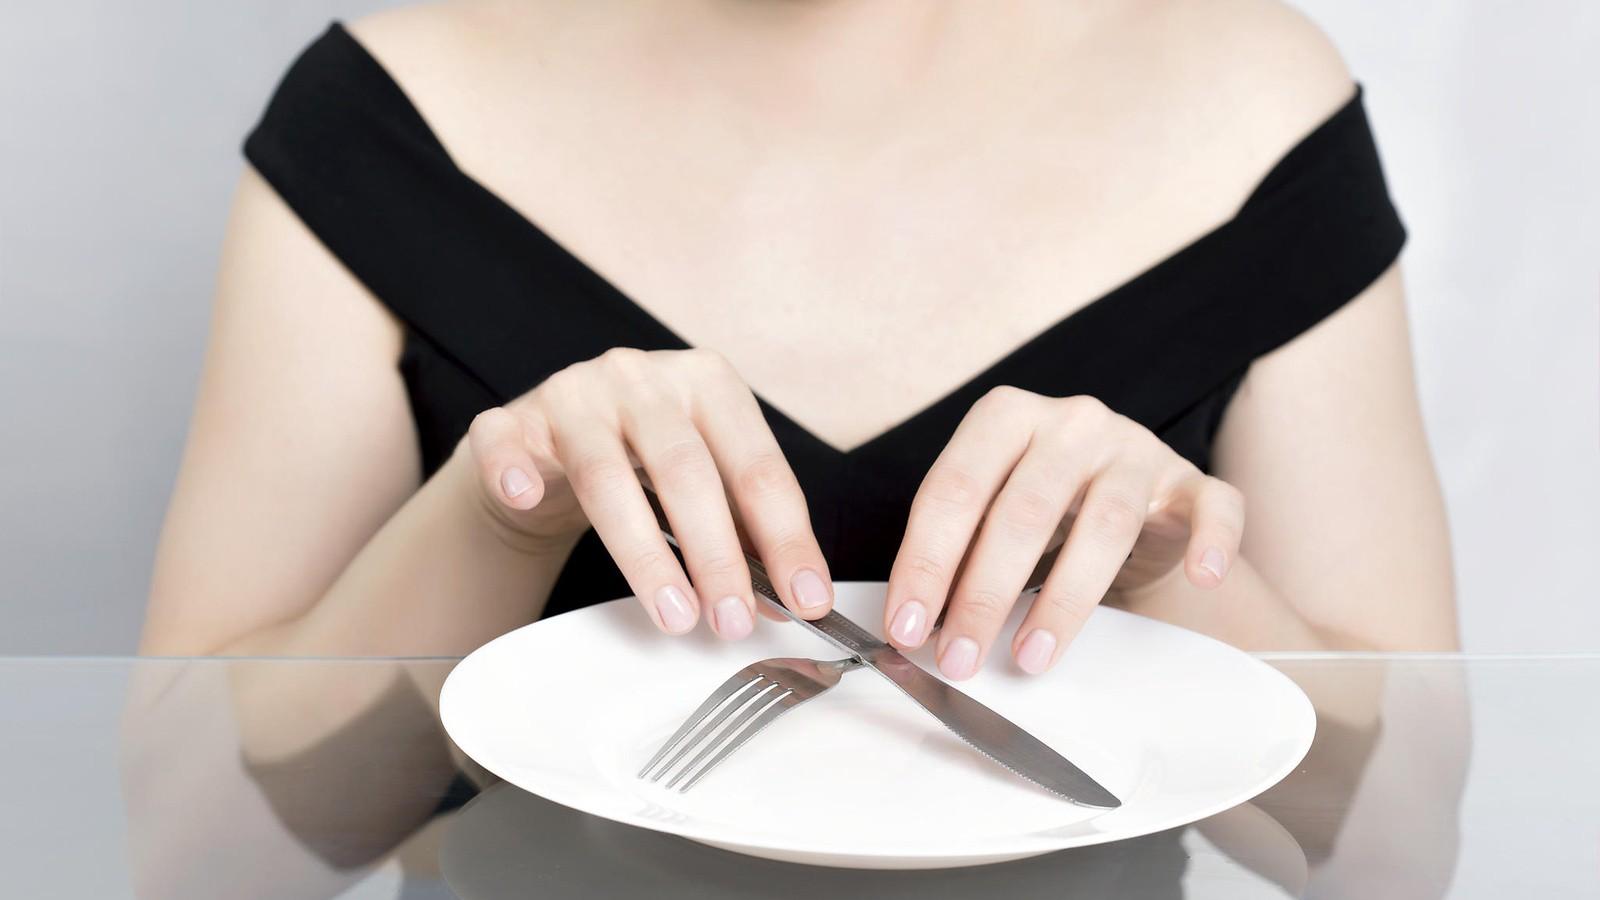 Голодание для лечения невралгии